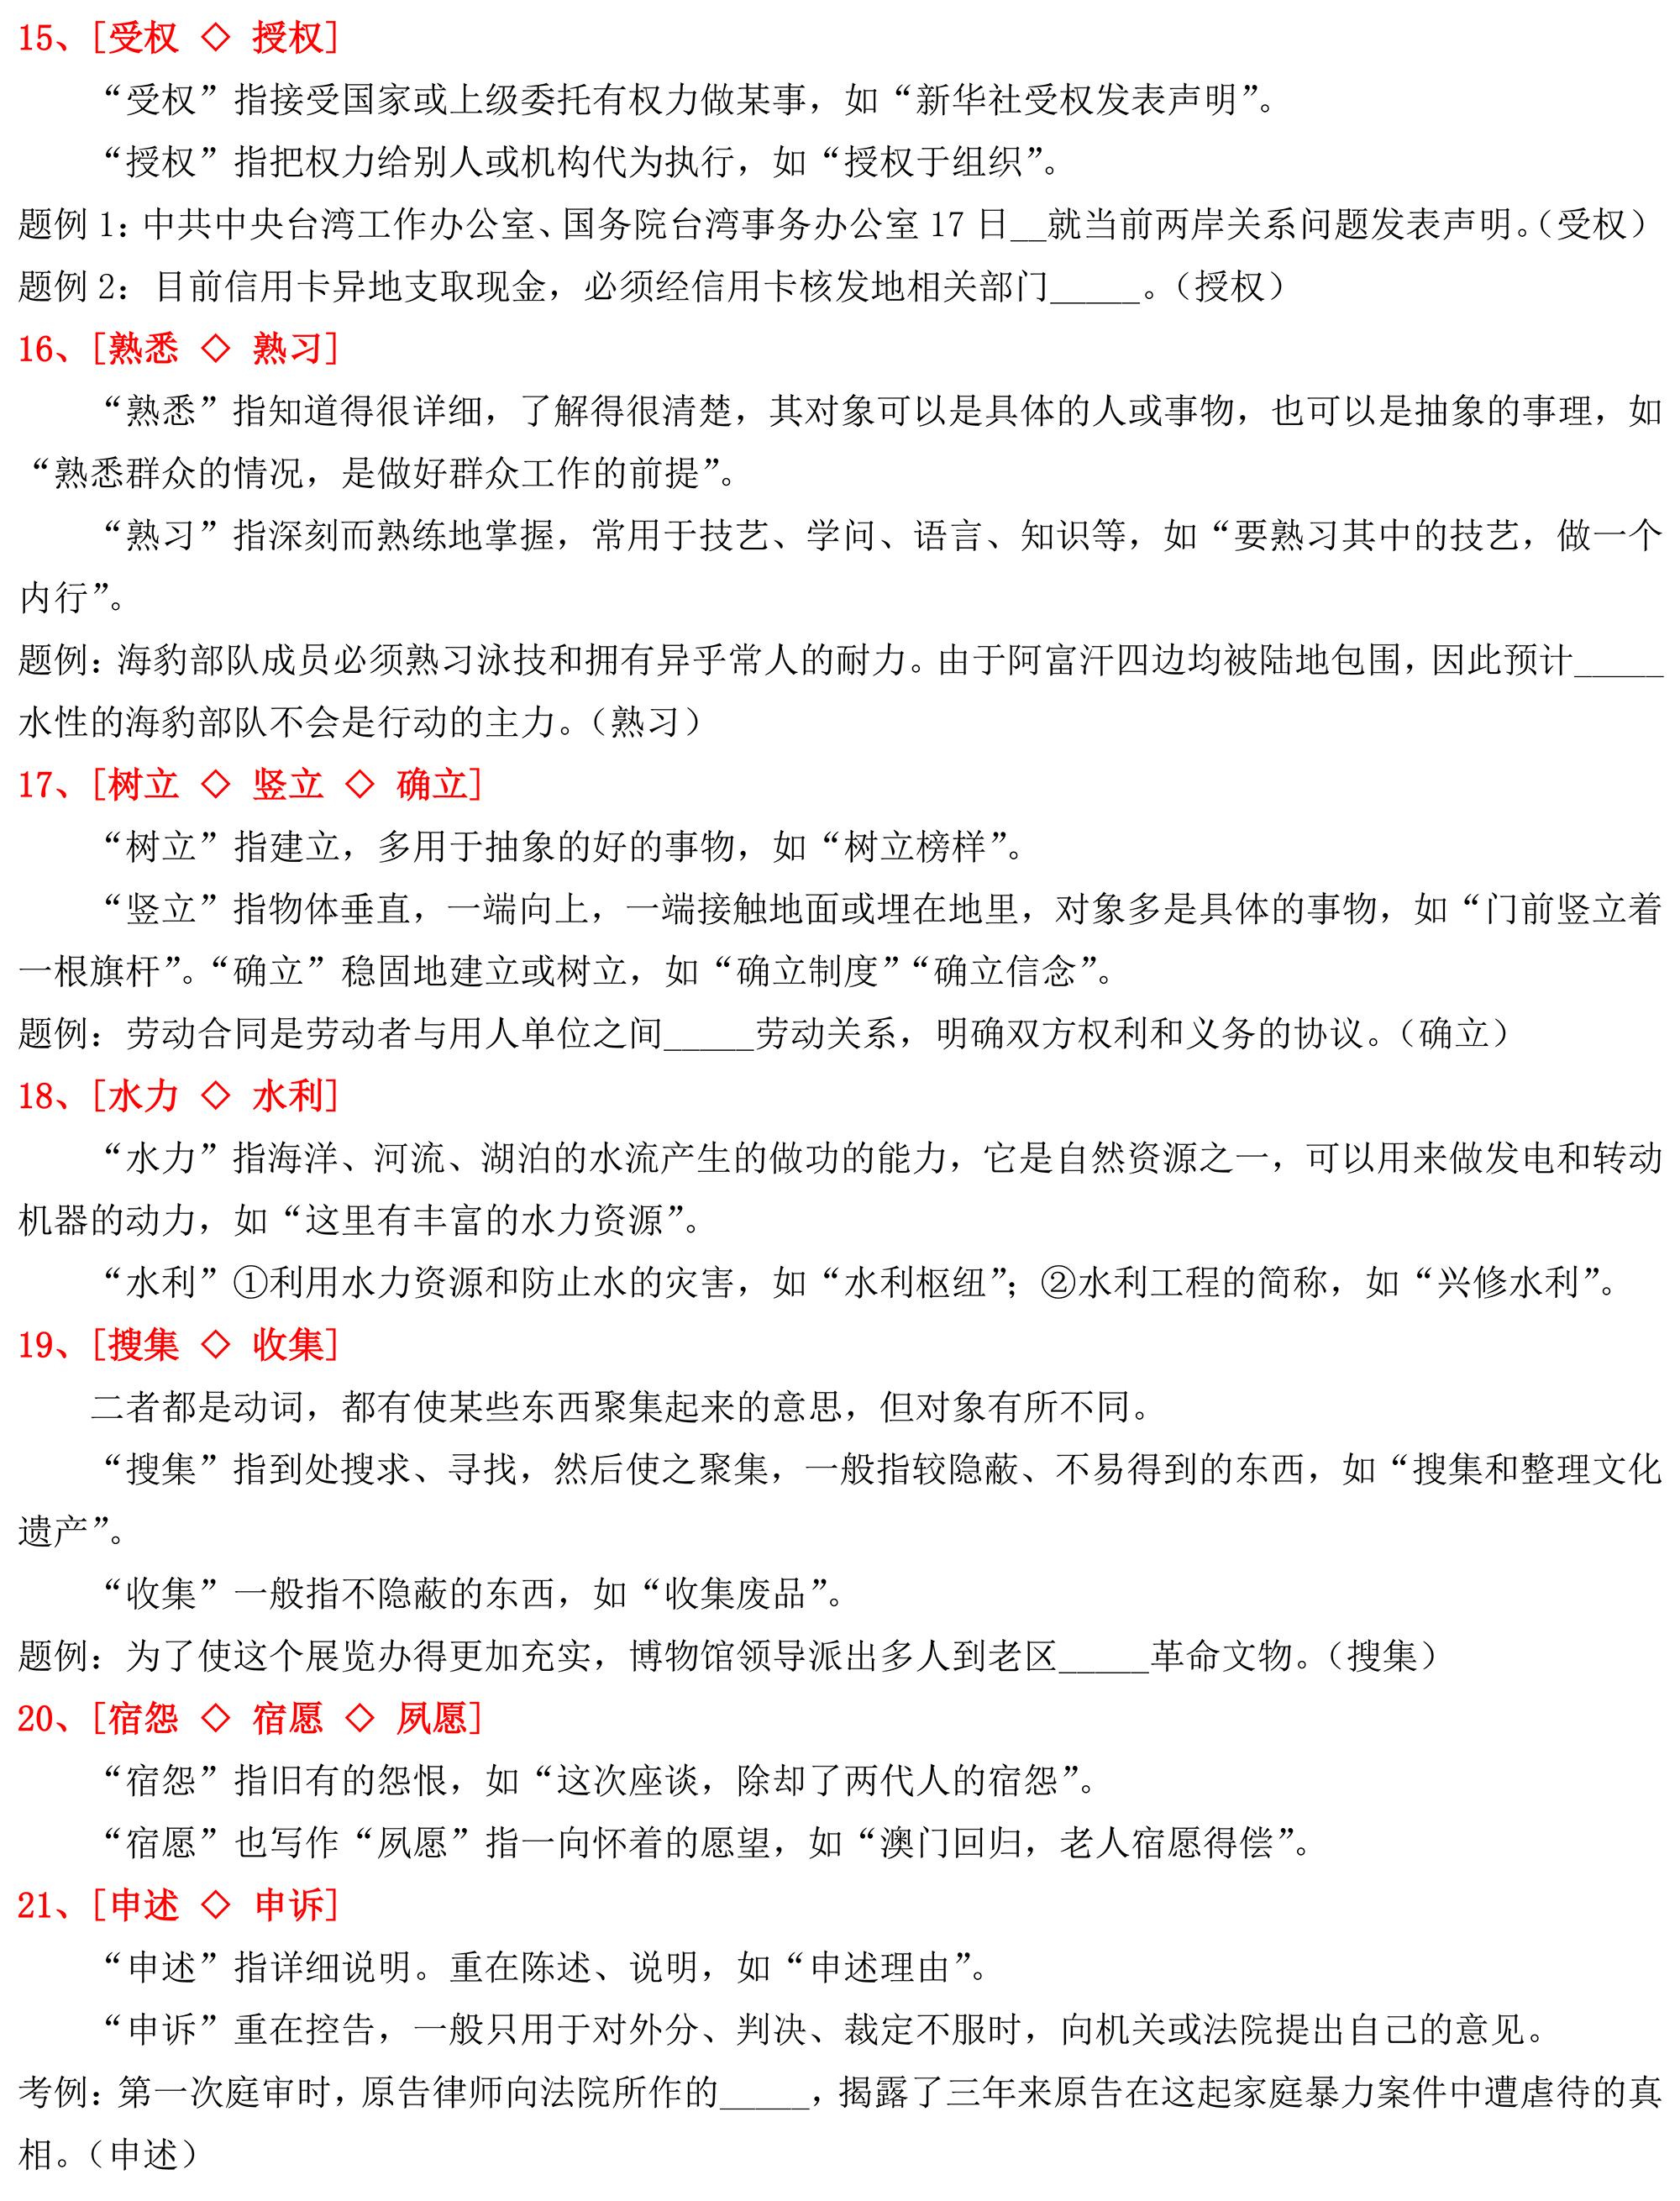 2-3:易混淆辨析 - 实词 - 打印版(O-T)-10.jpg